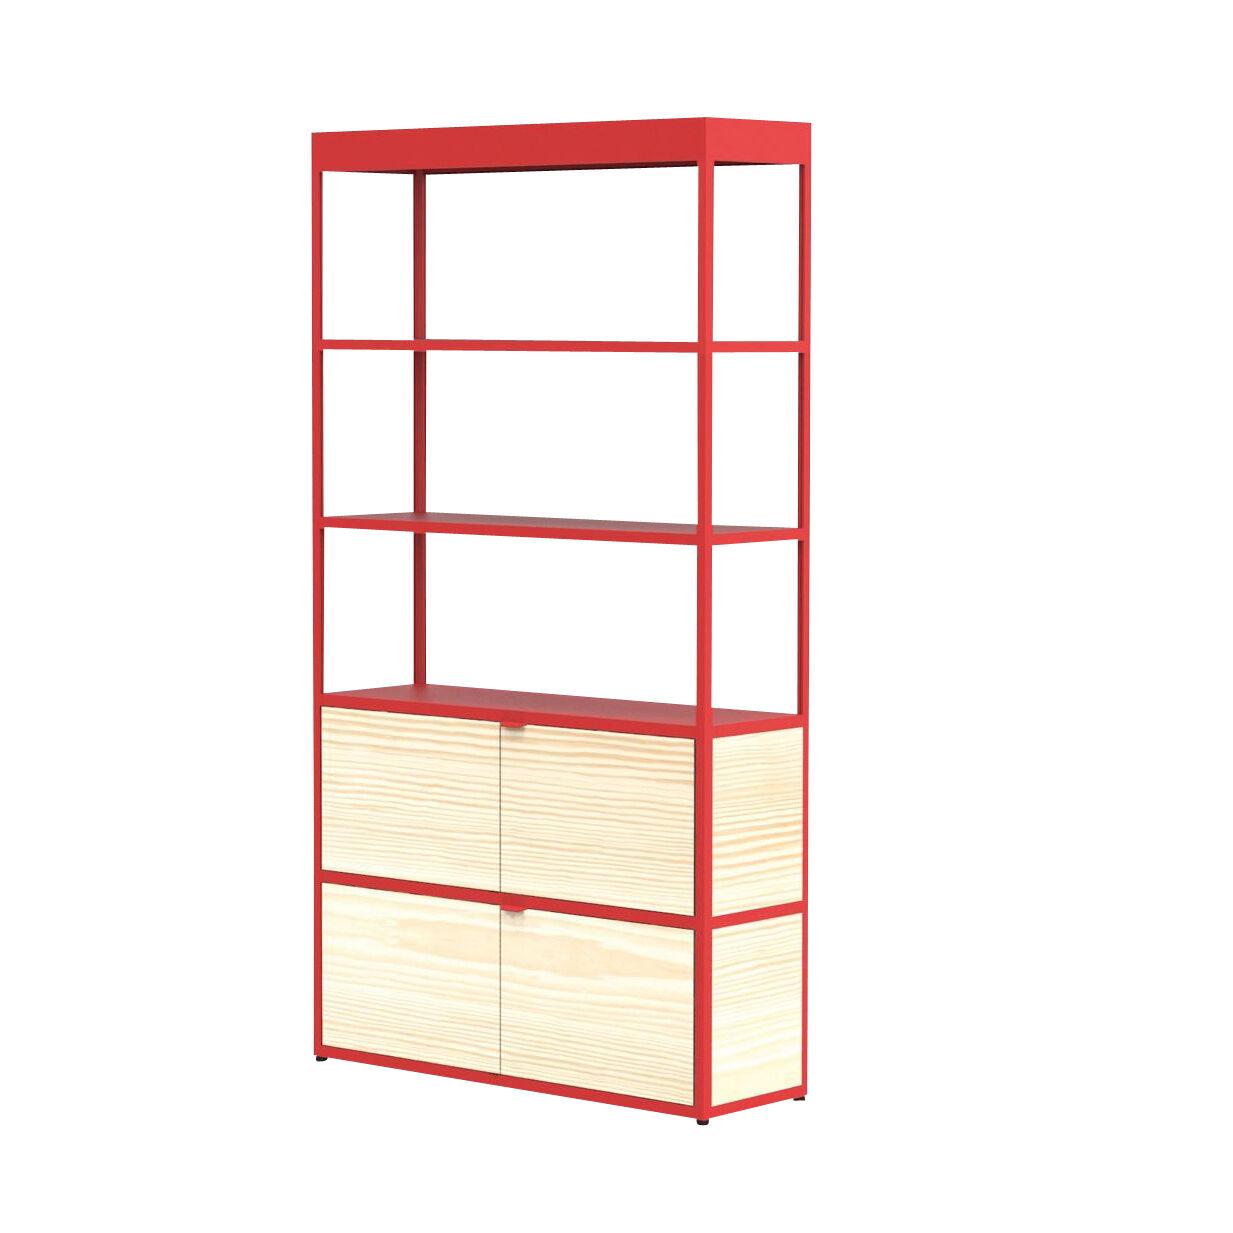 HAY New Order - Etagère/armoire 100x185.5cm - rouge/frêne/laqué/2 portes en bois/4 parois latérales, 2 parois arrière